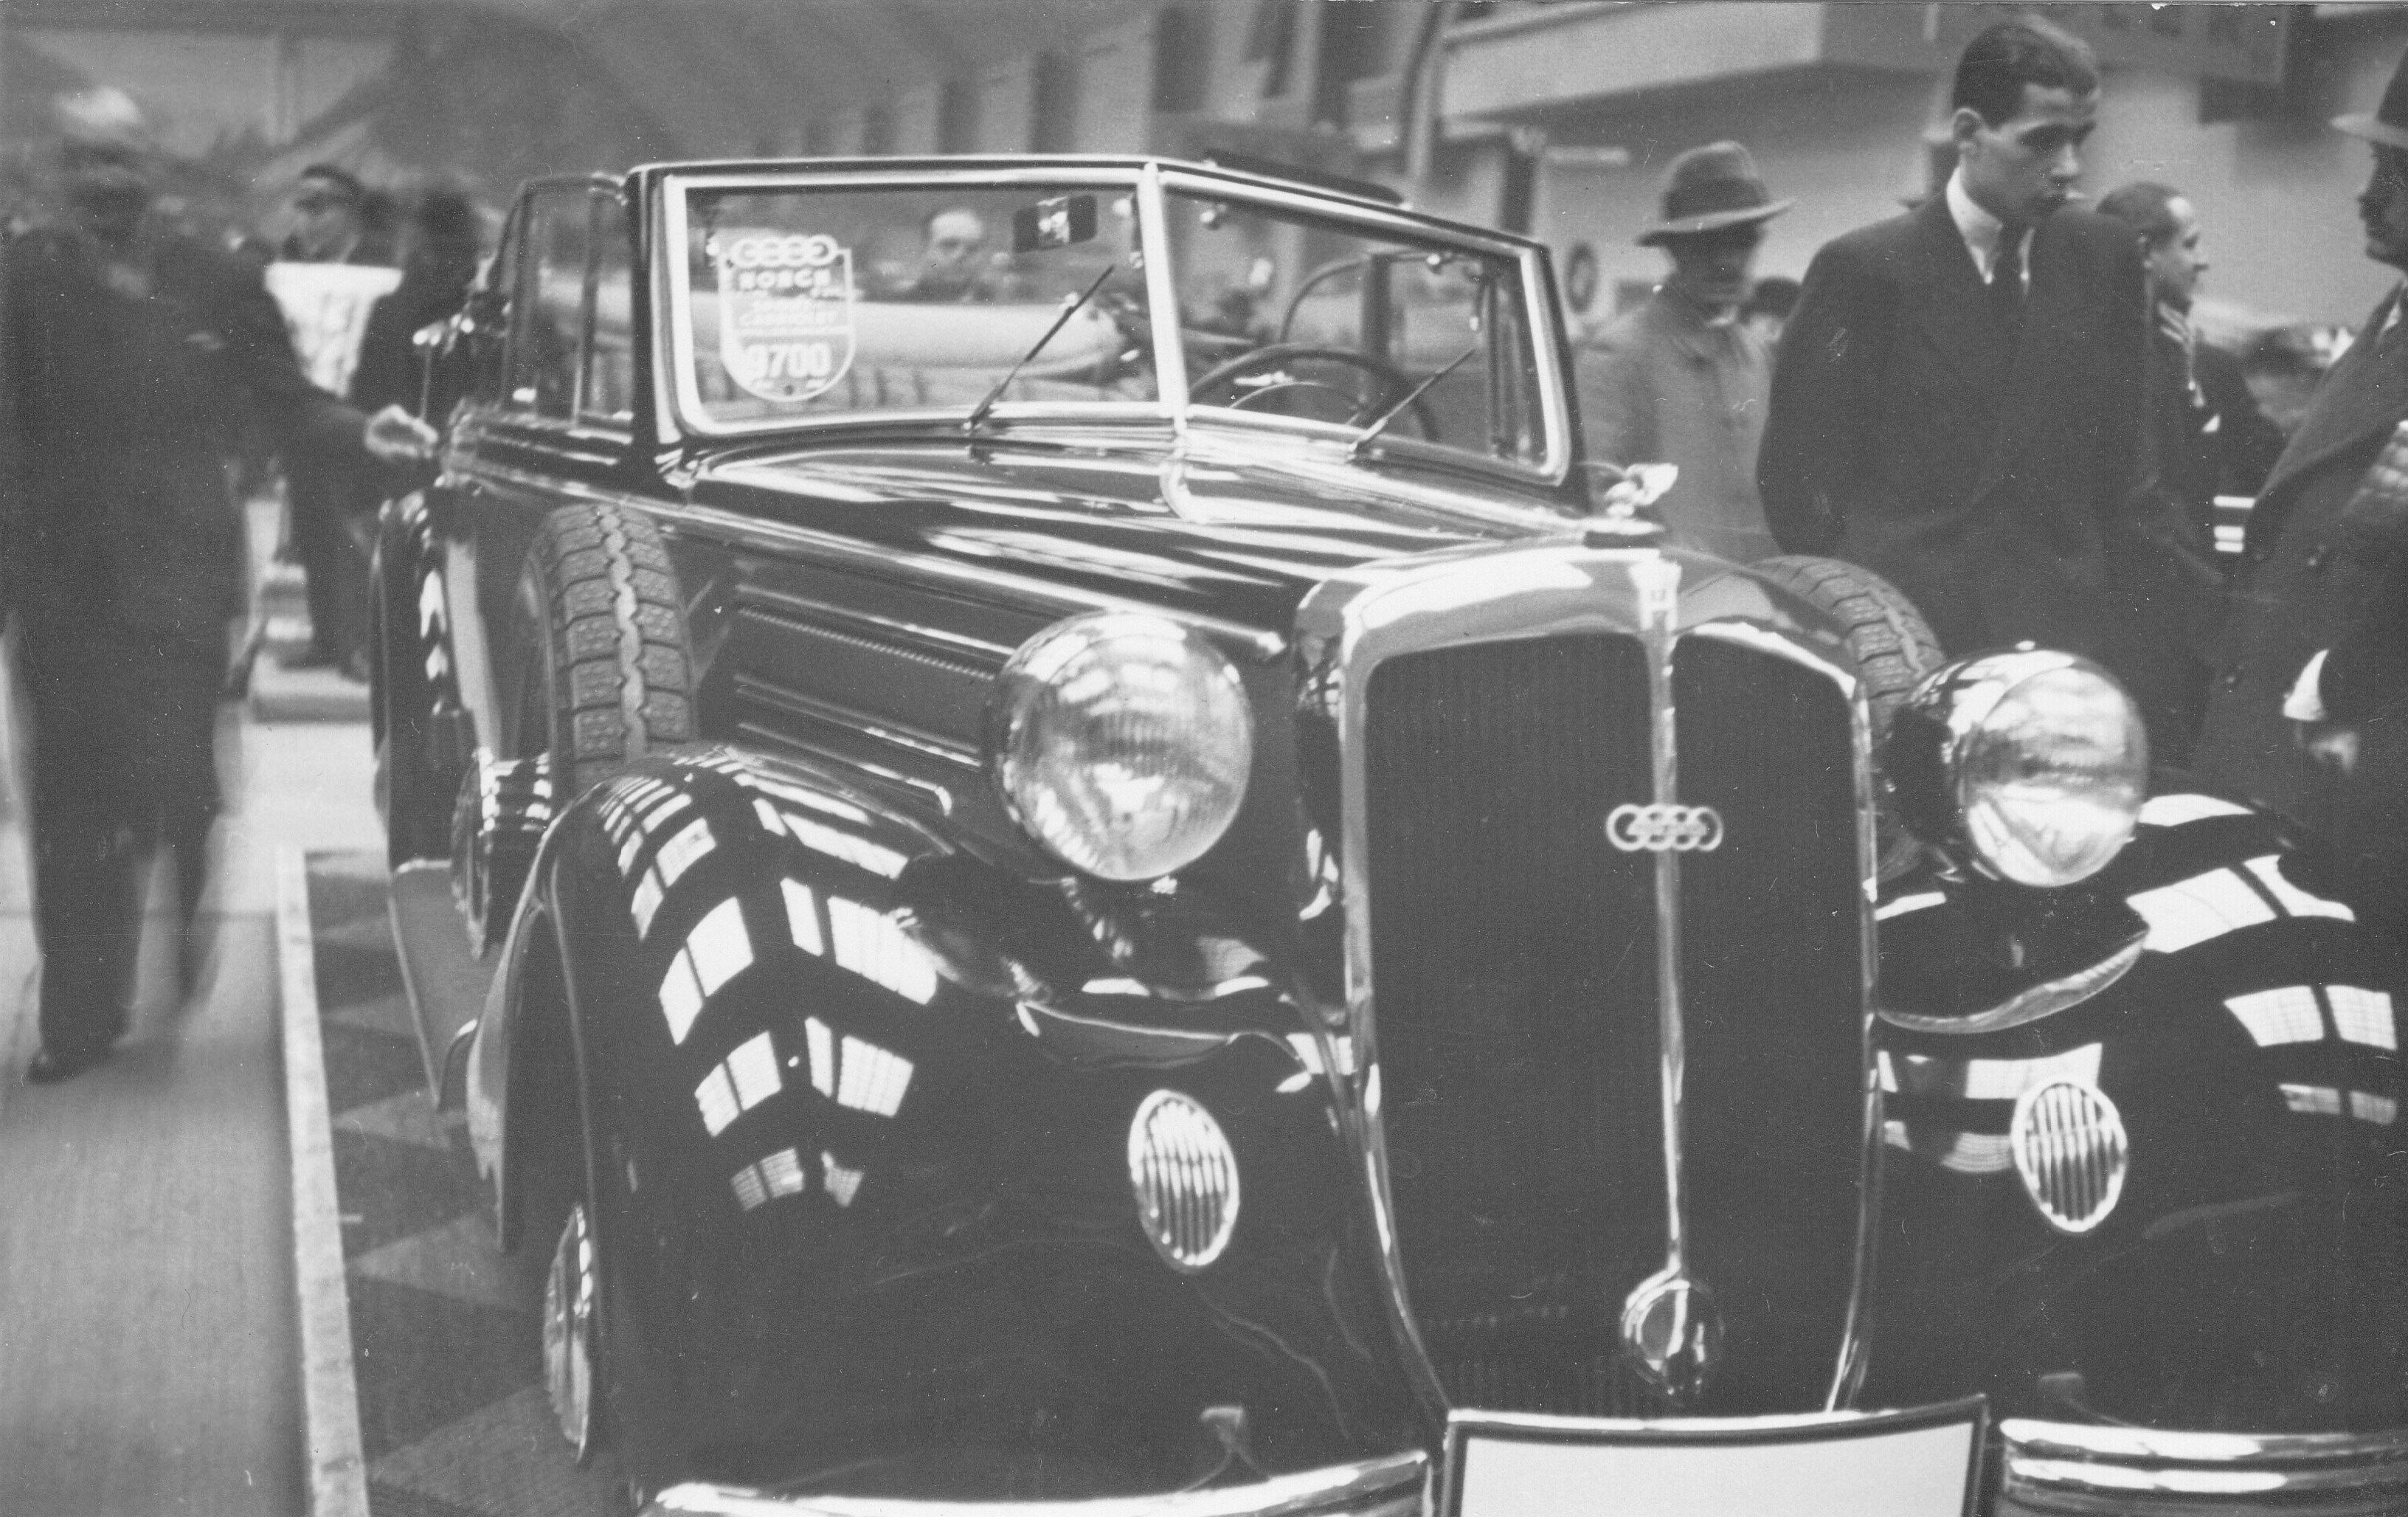 Horch_930V_Cabriolet